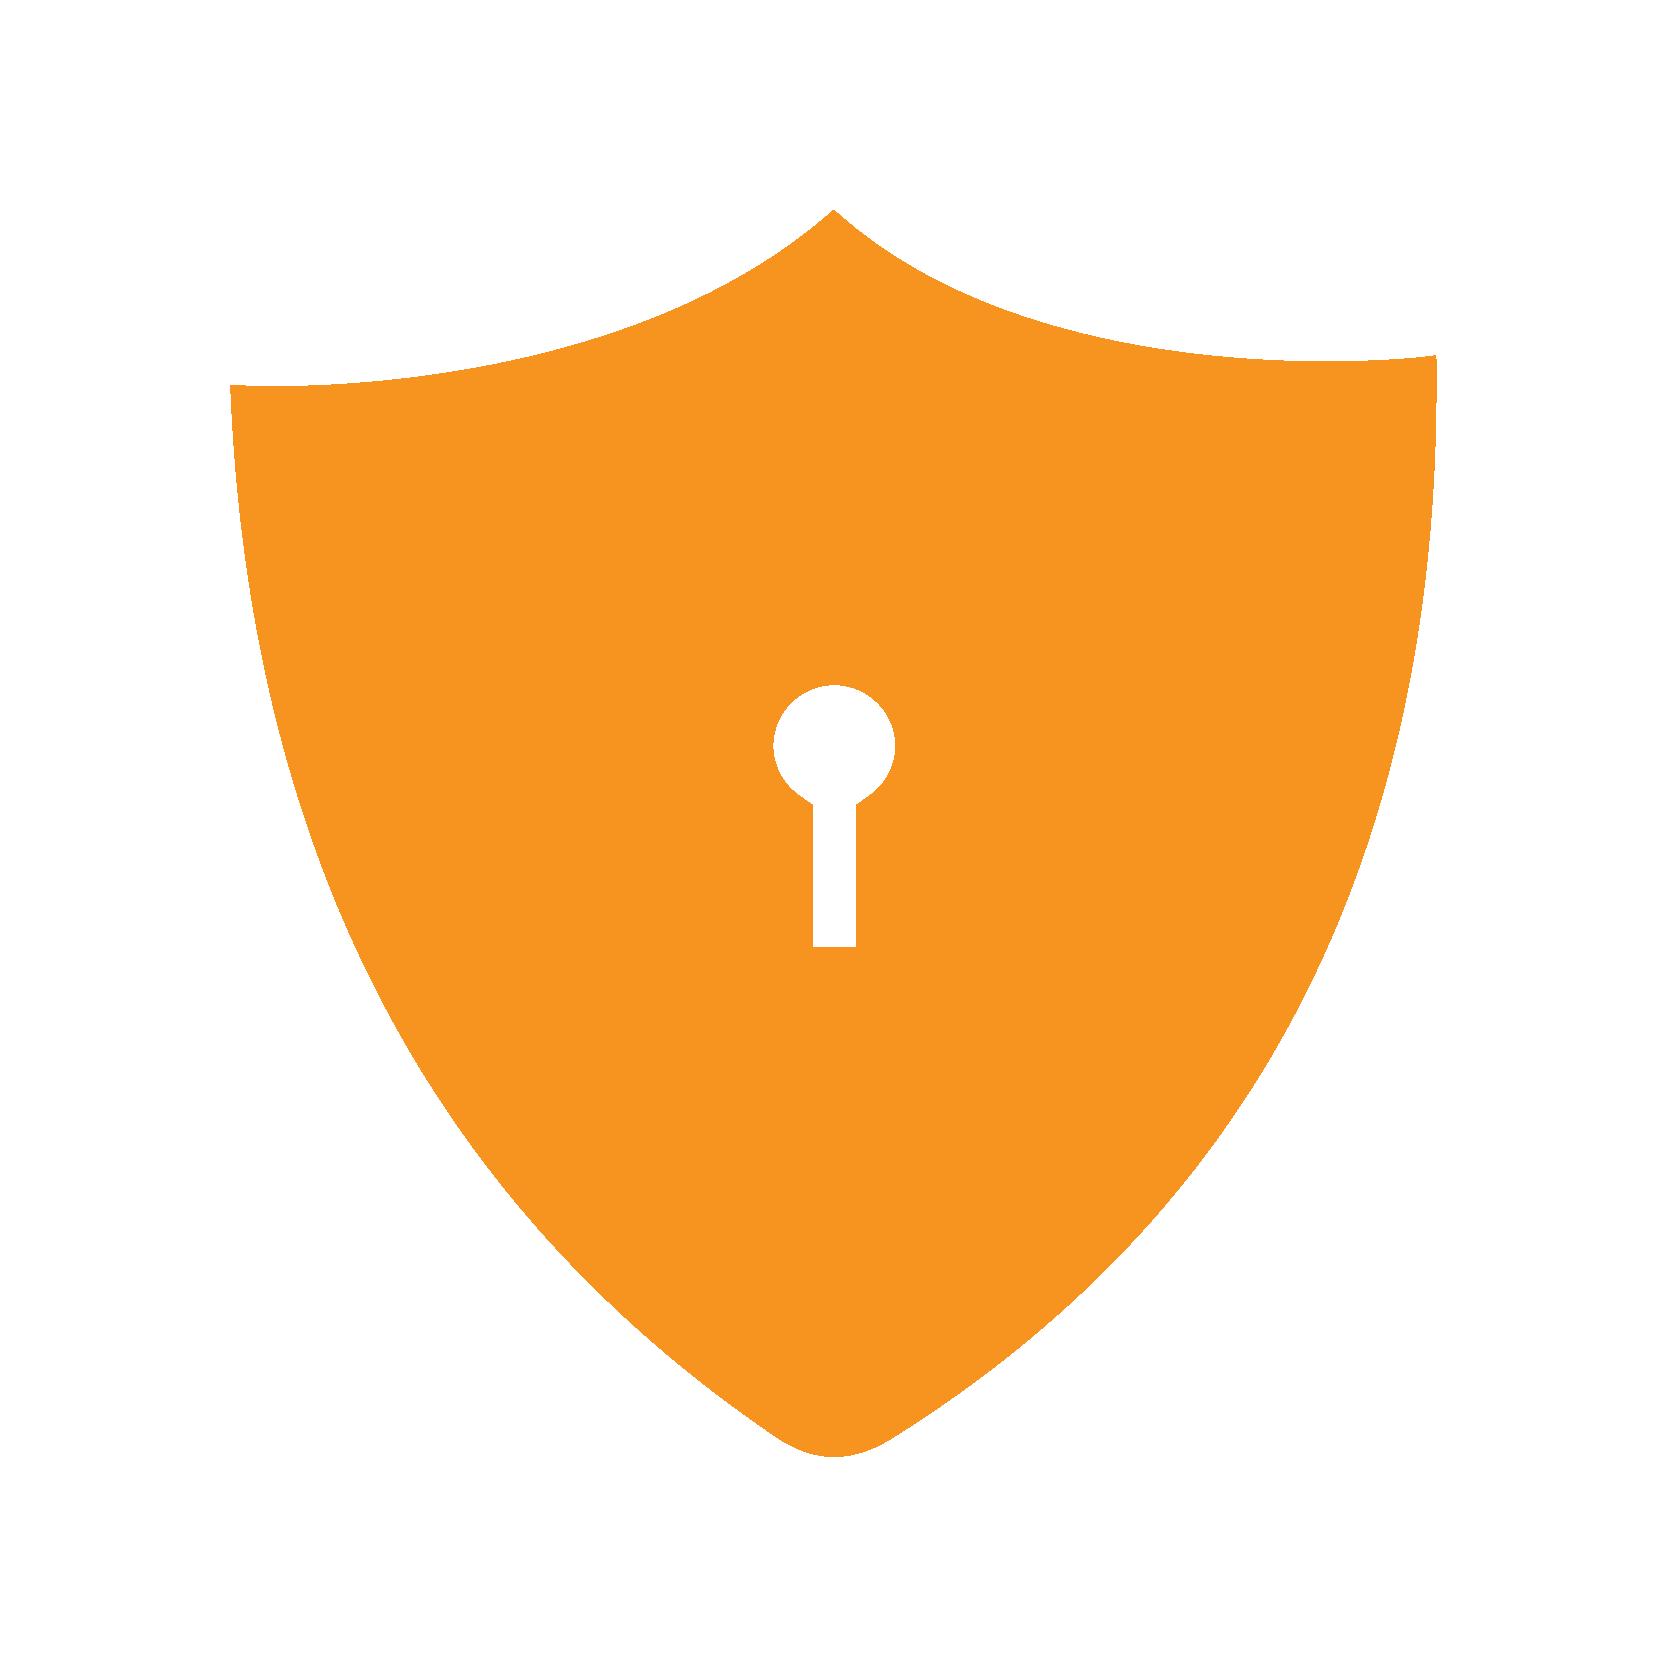 Anti_Hacking_Security